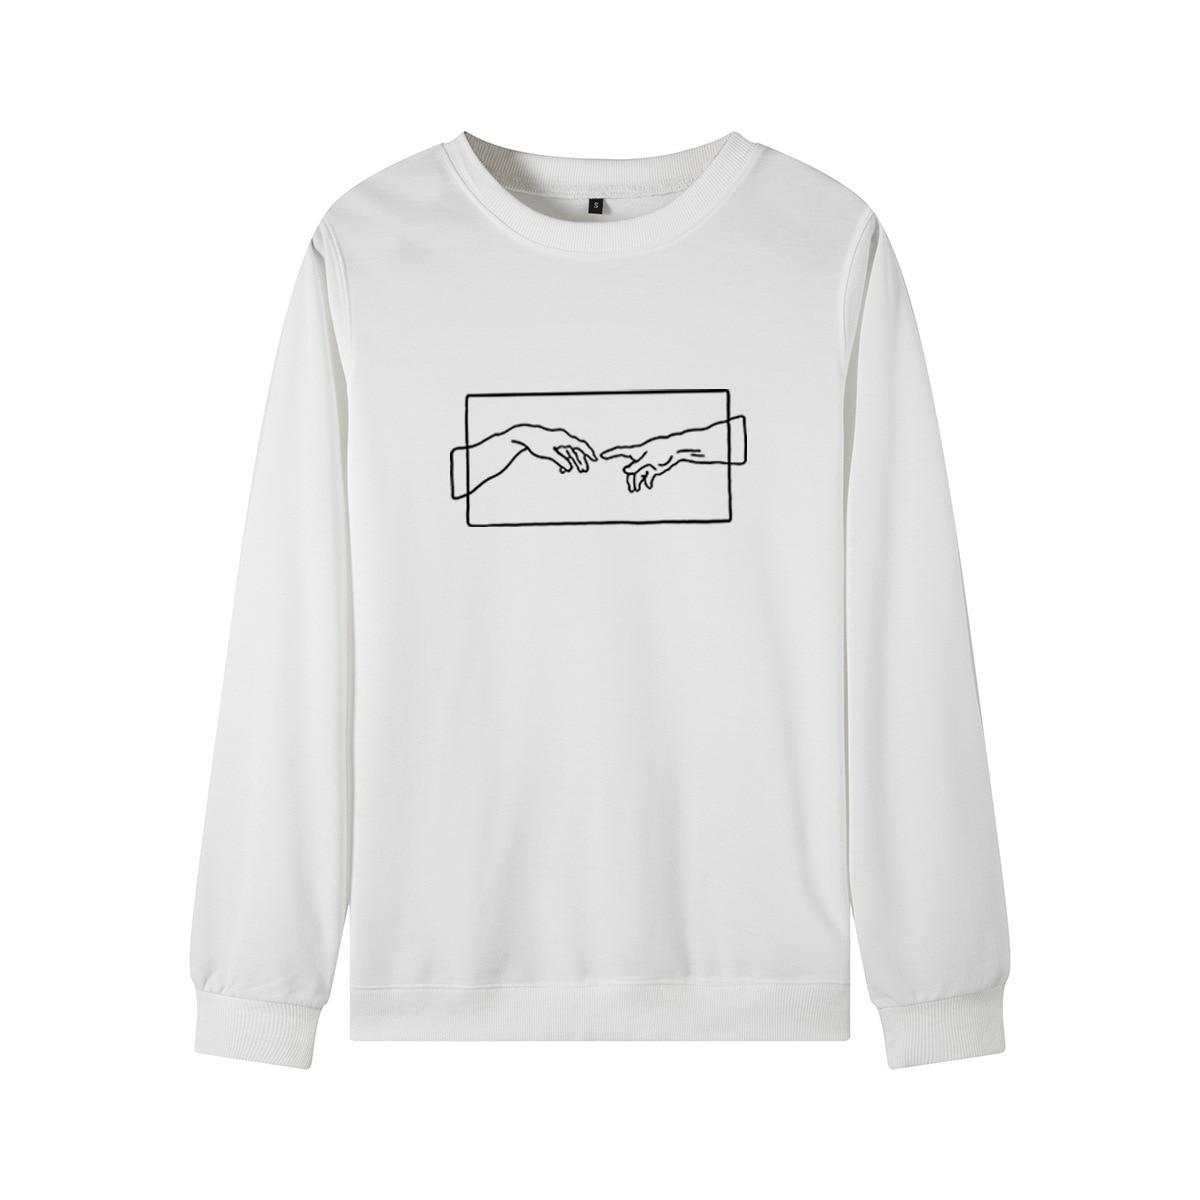 Lxs22 2020 novas senhoras casuais sweatshirts moda modelos populares requintado e confortável